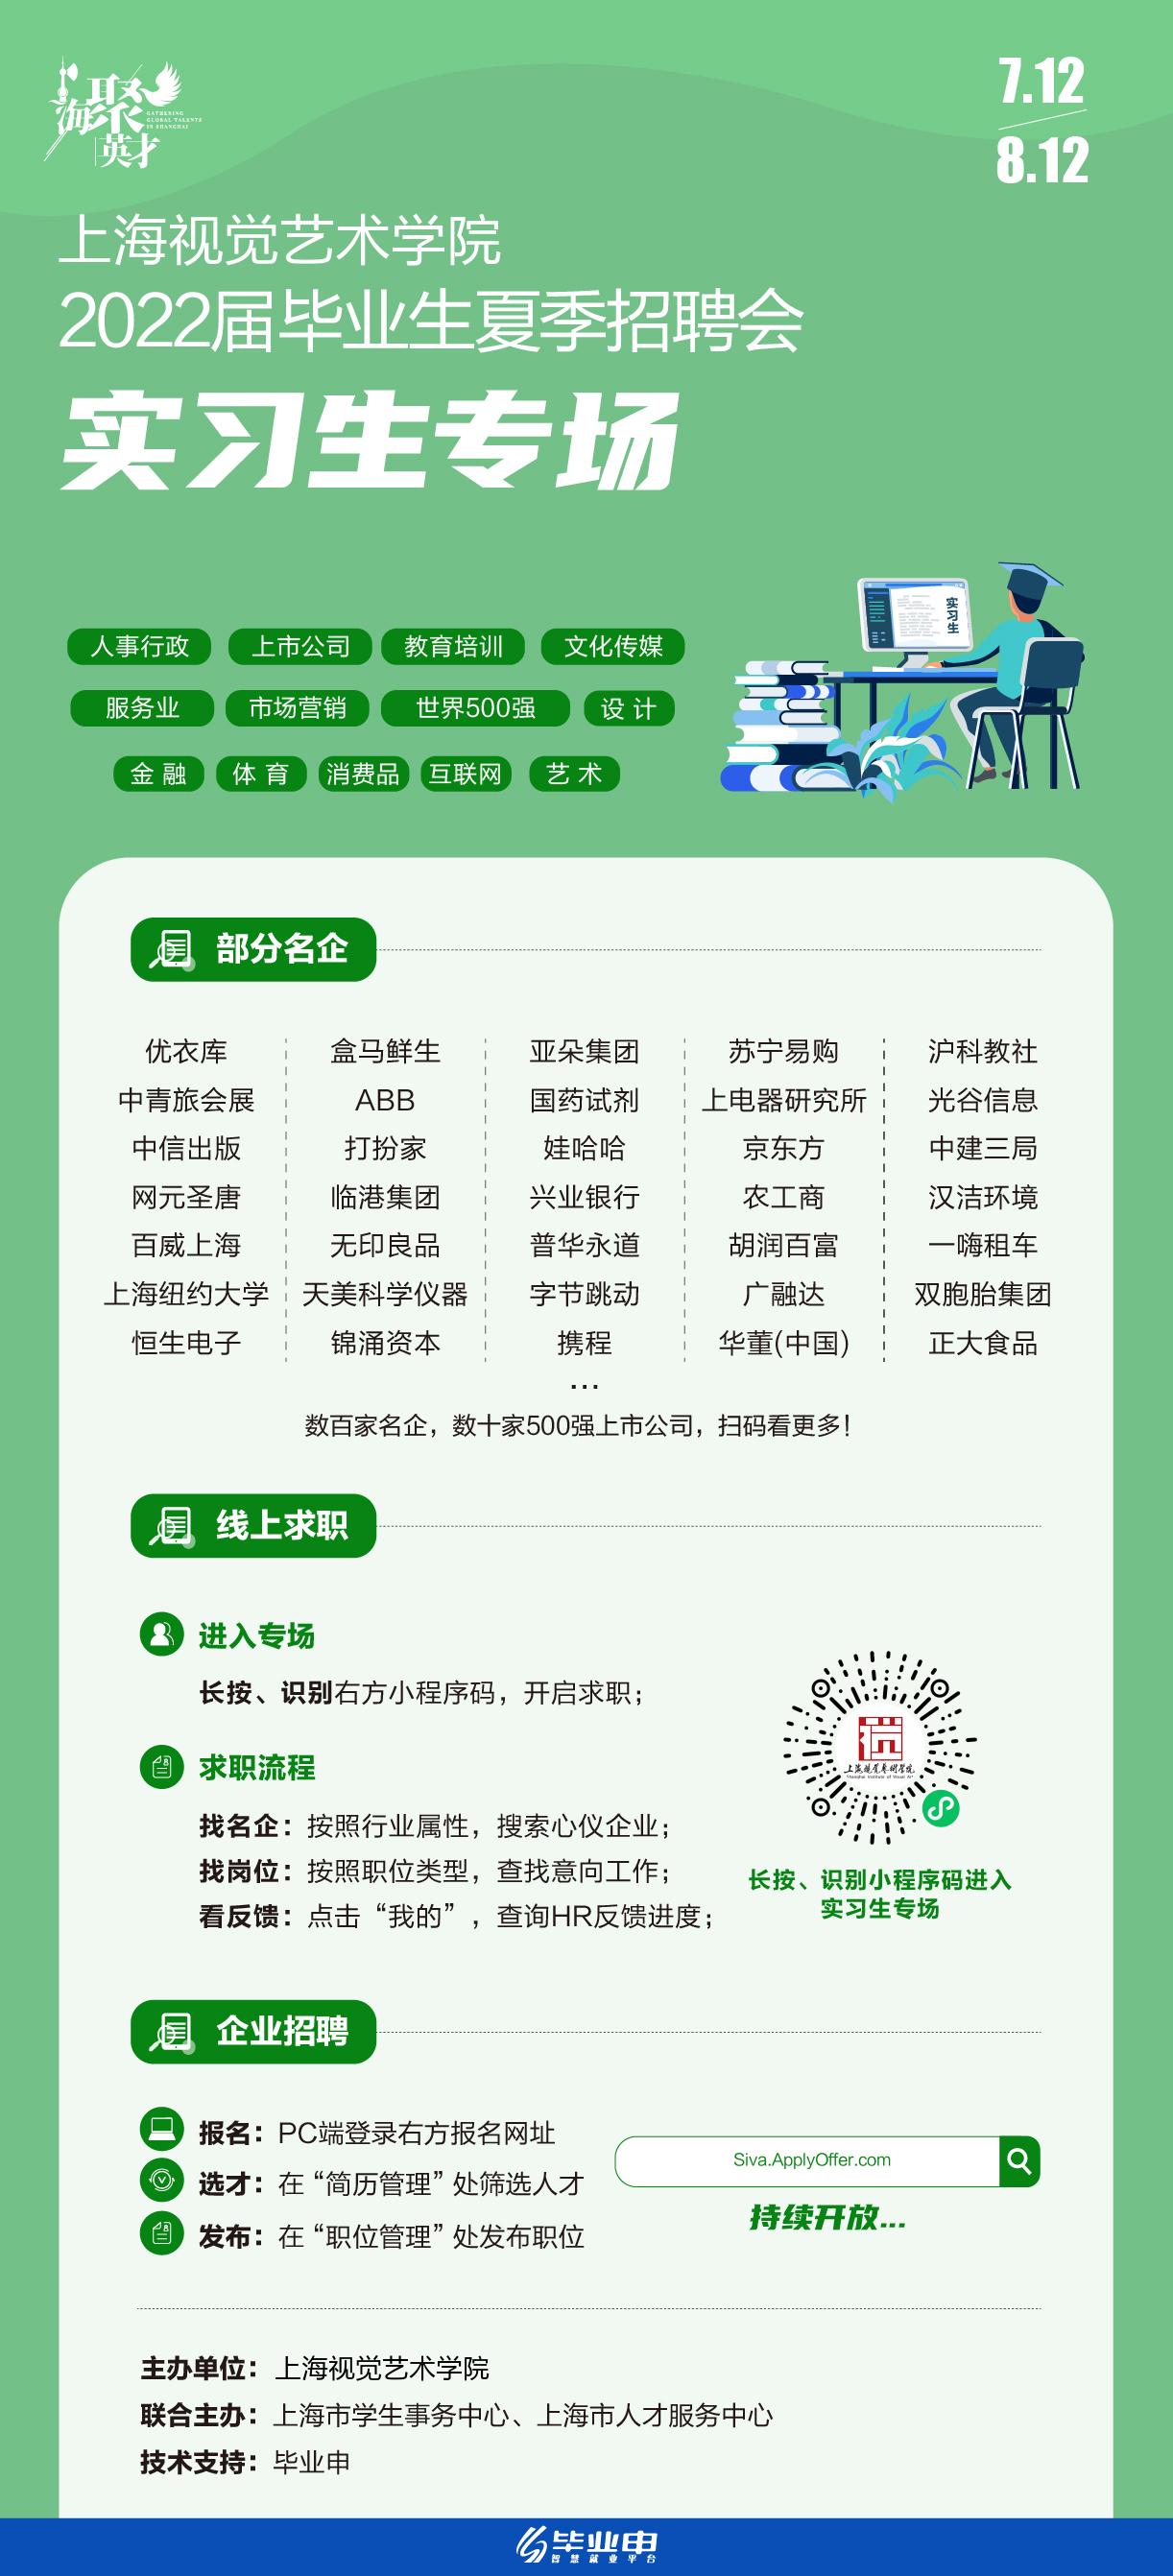 22届实习招聘.png